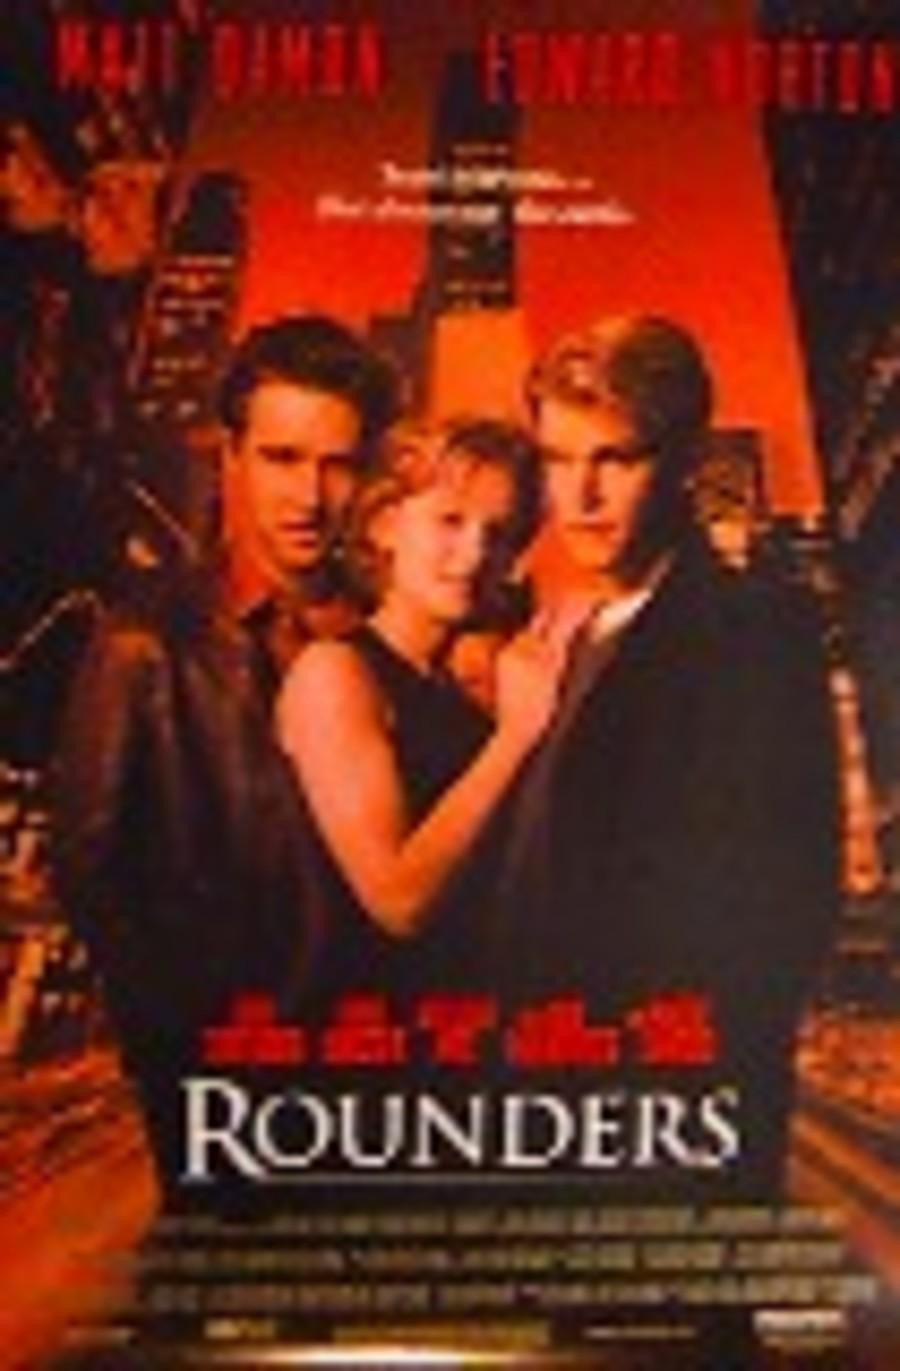 Rounders Movie PosterSKU: ge-2557